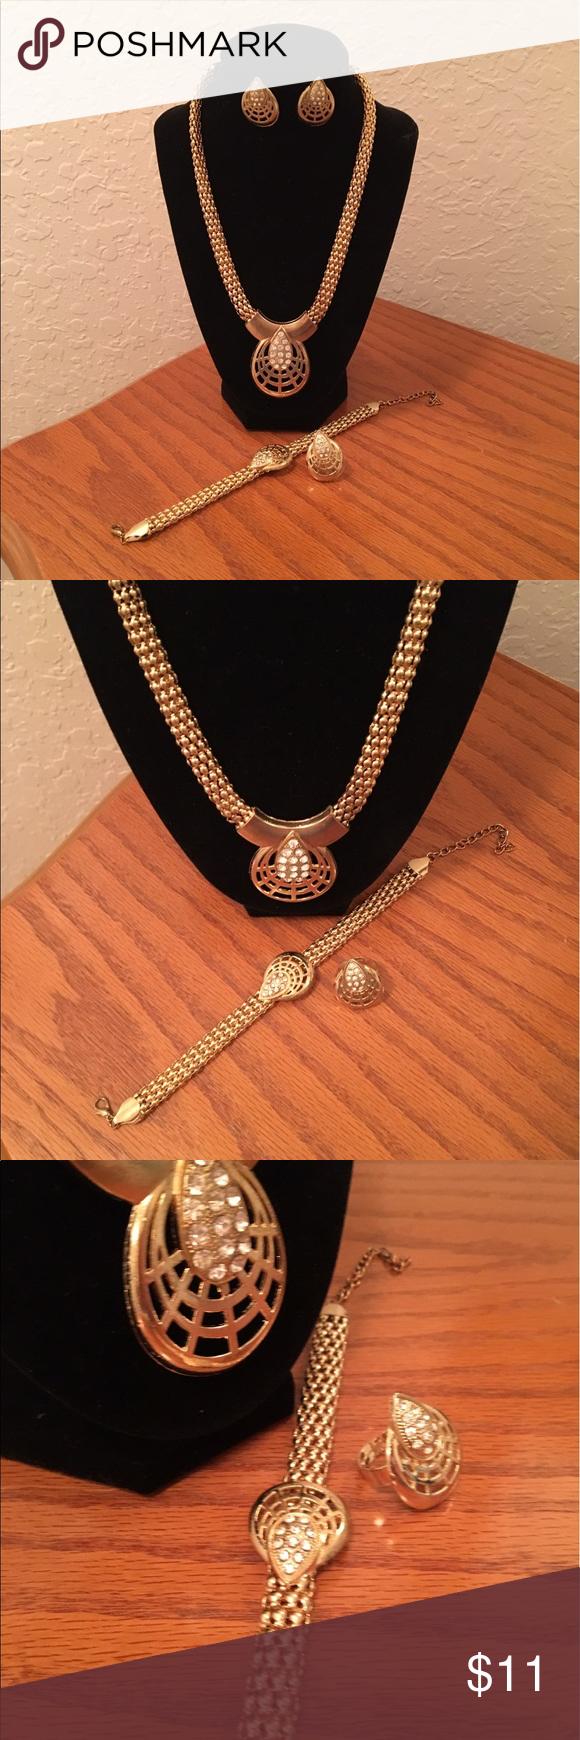 Gold necklacebracelet ring and earrings set gold necklacebracelet